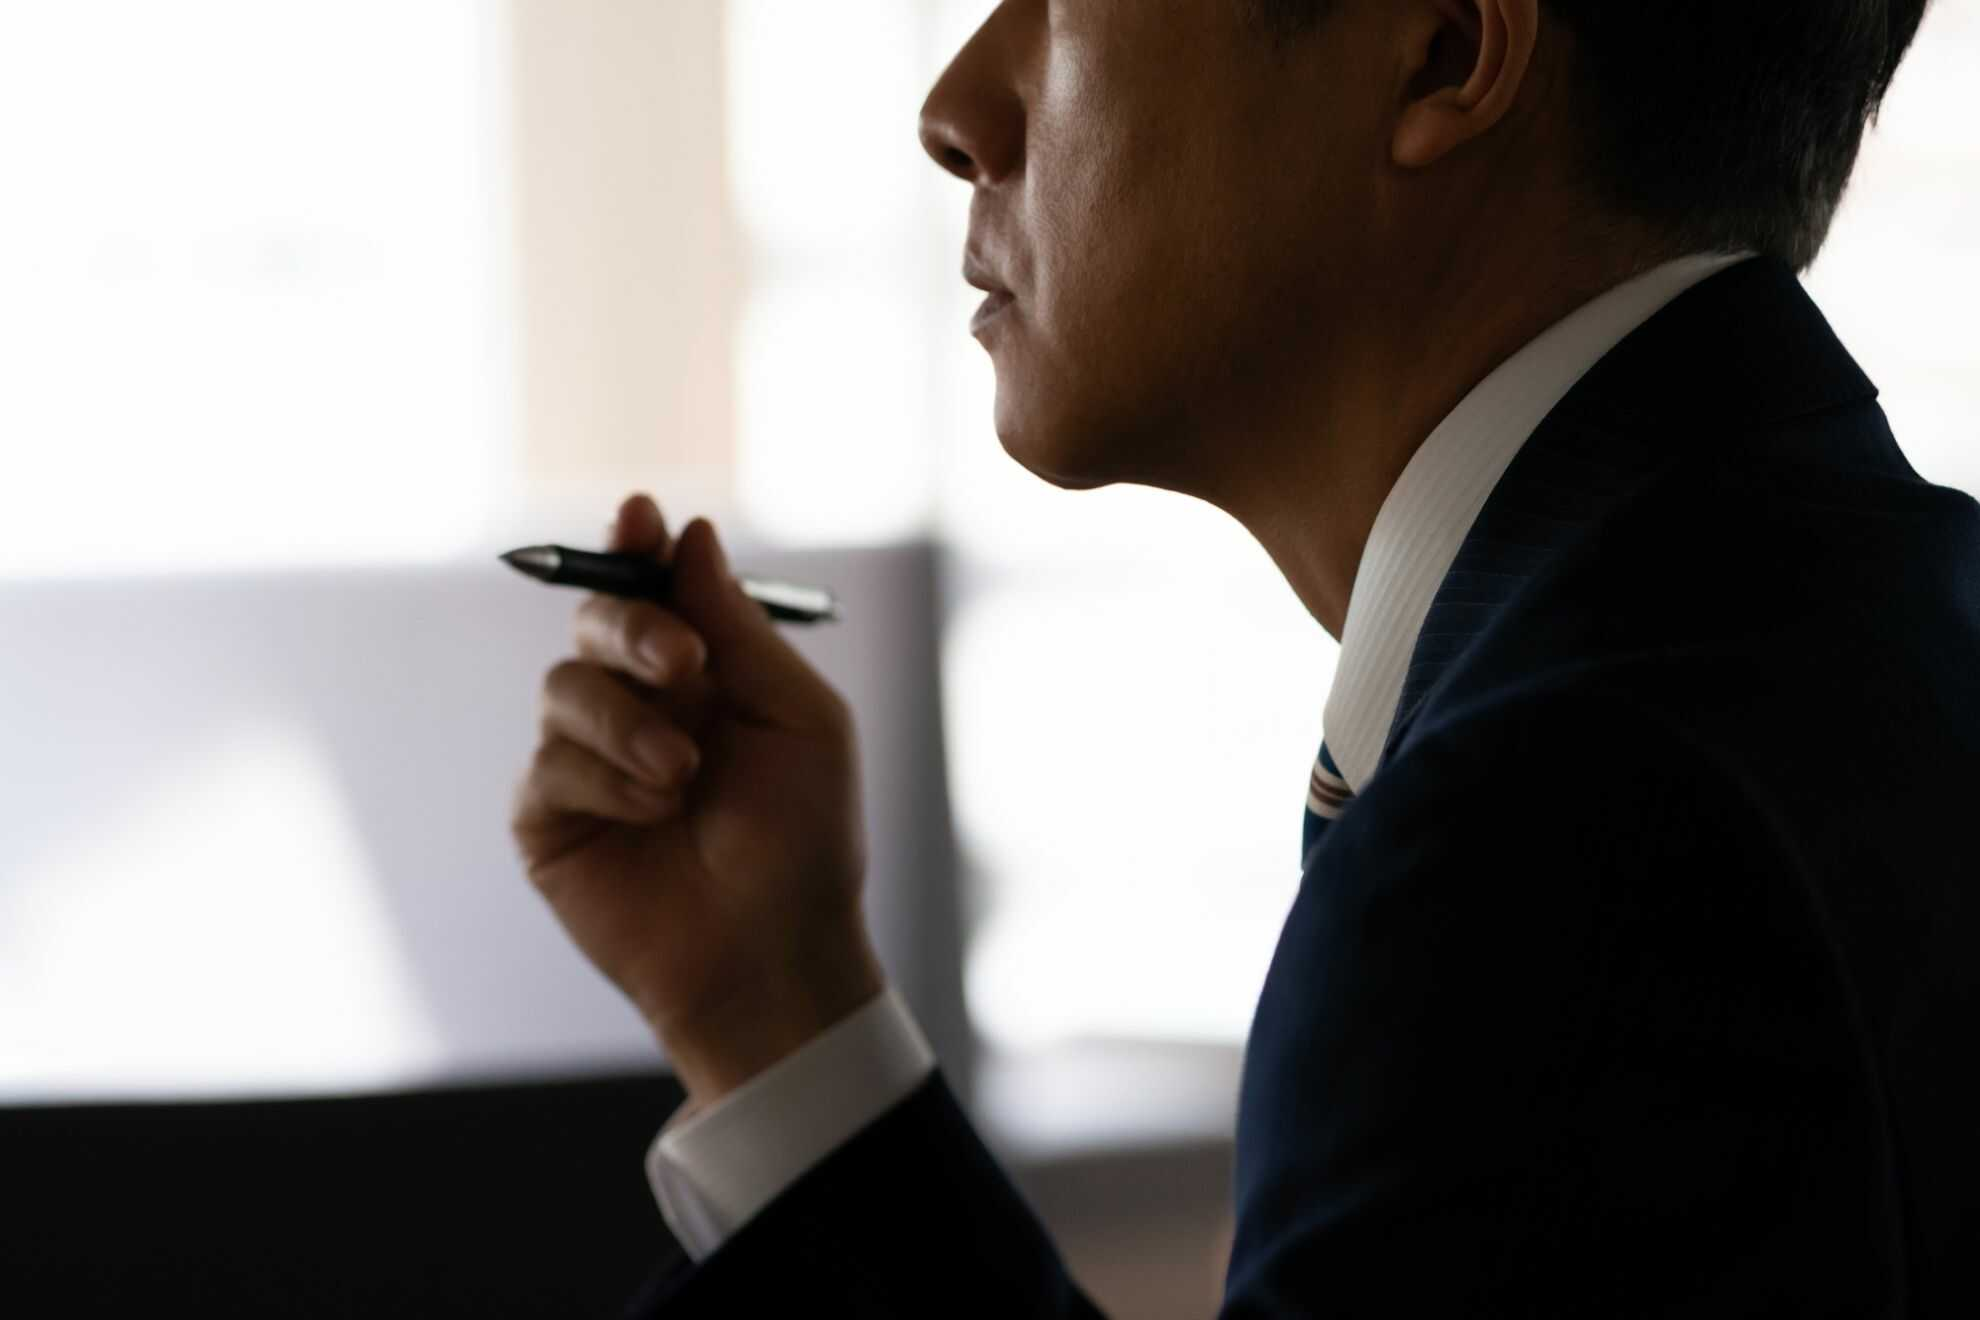 ペンを回しながら真剣な表情をしている男性